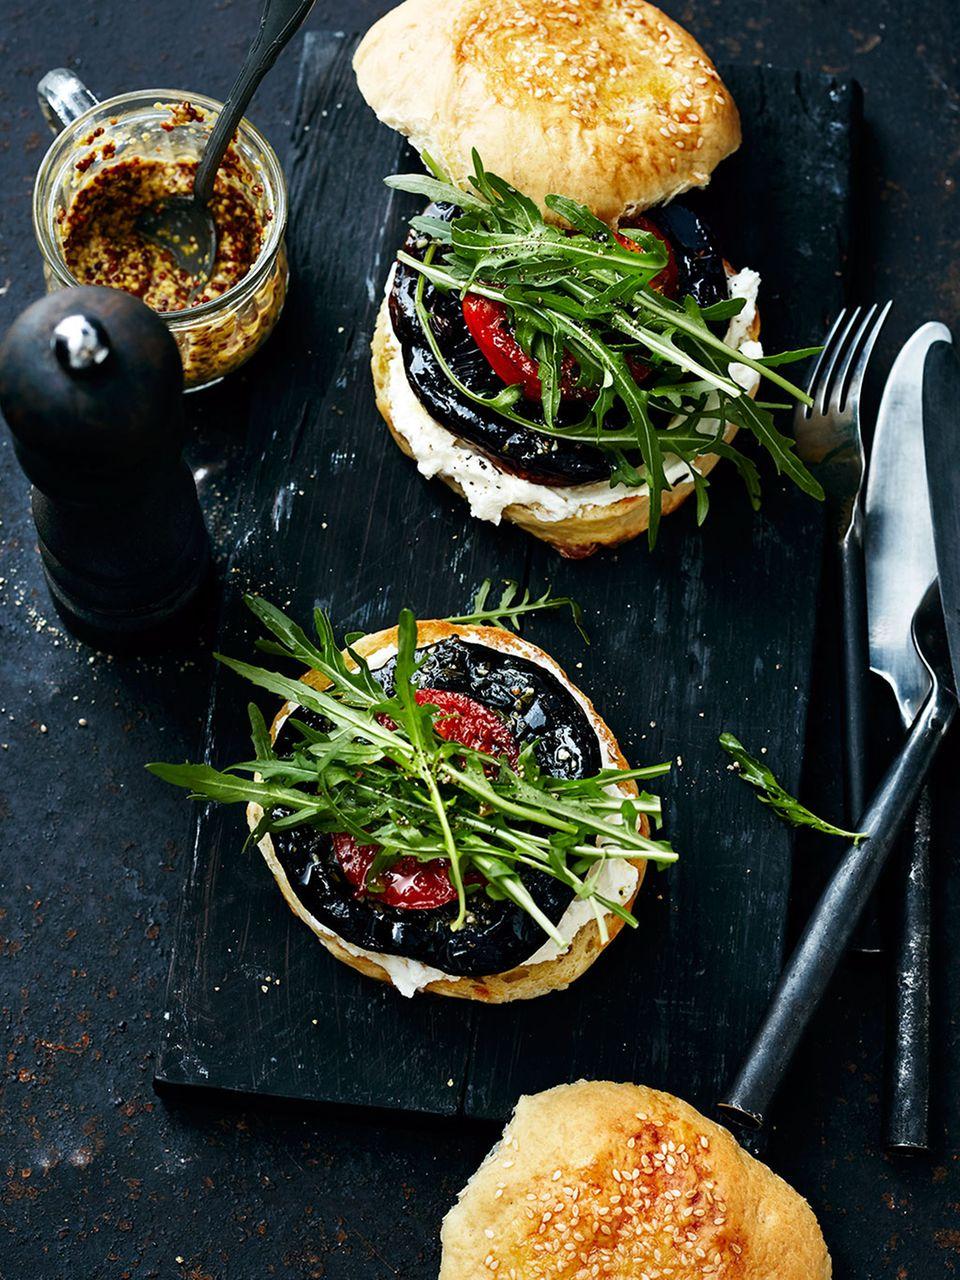 Die berühmten Portobello-Pilze eignen sich toll als fleischlose Patties